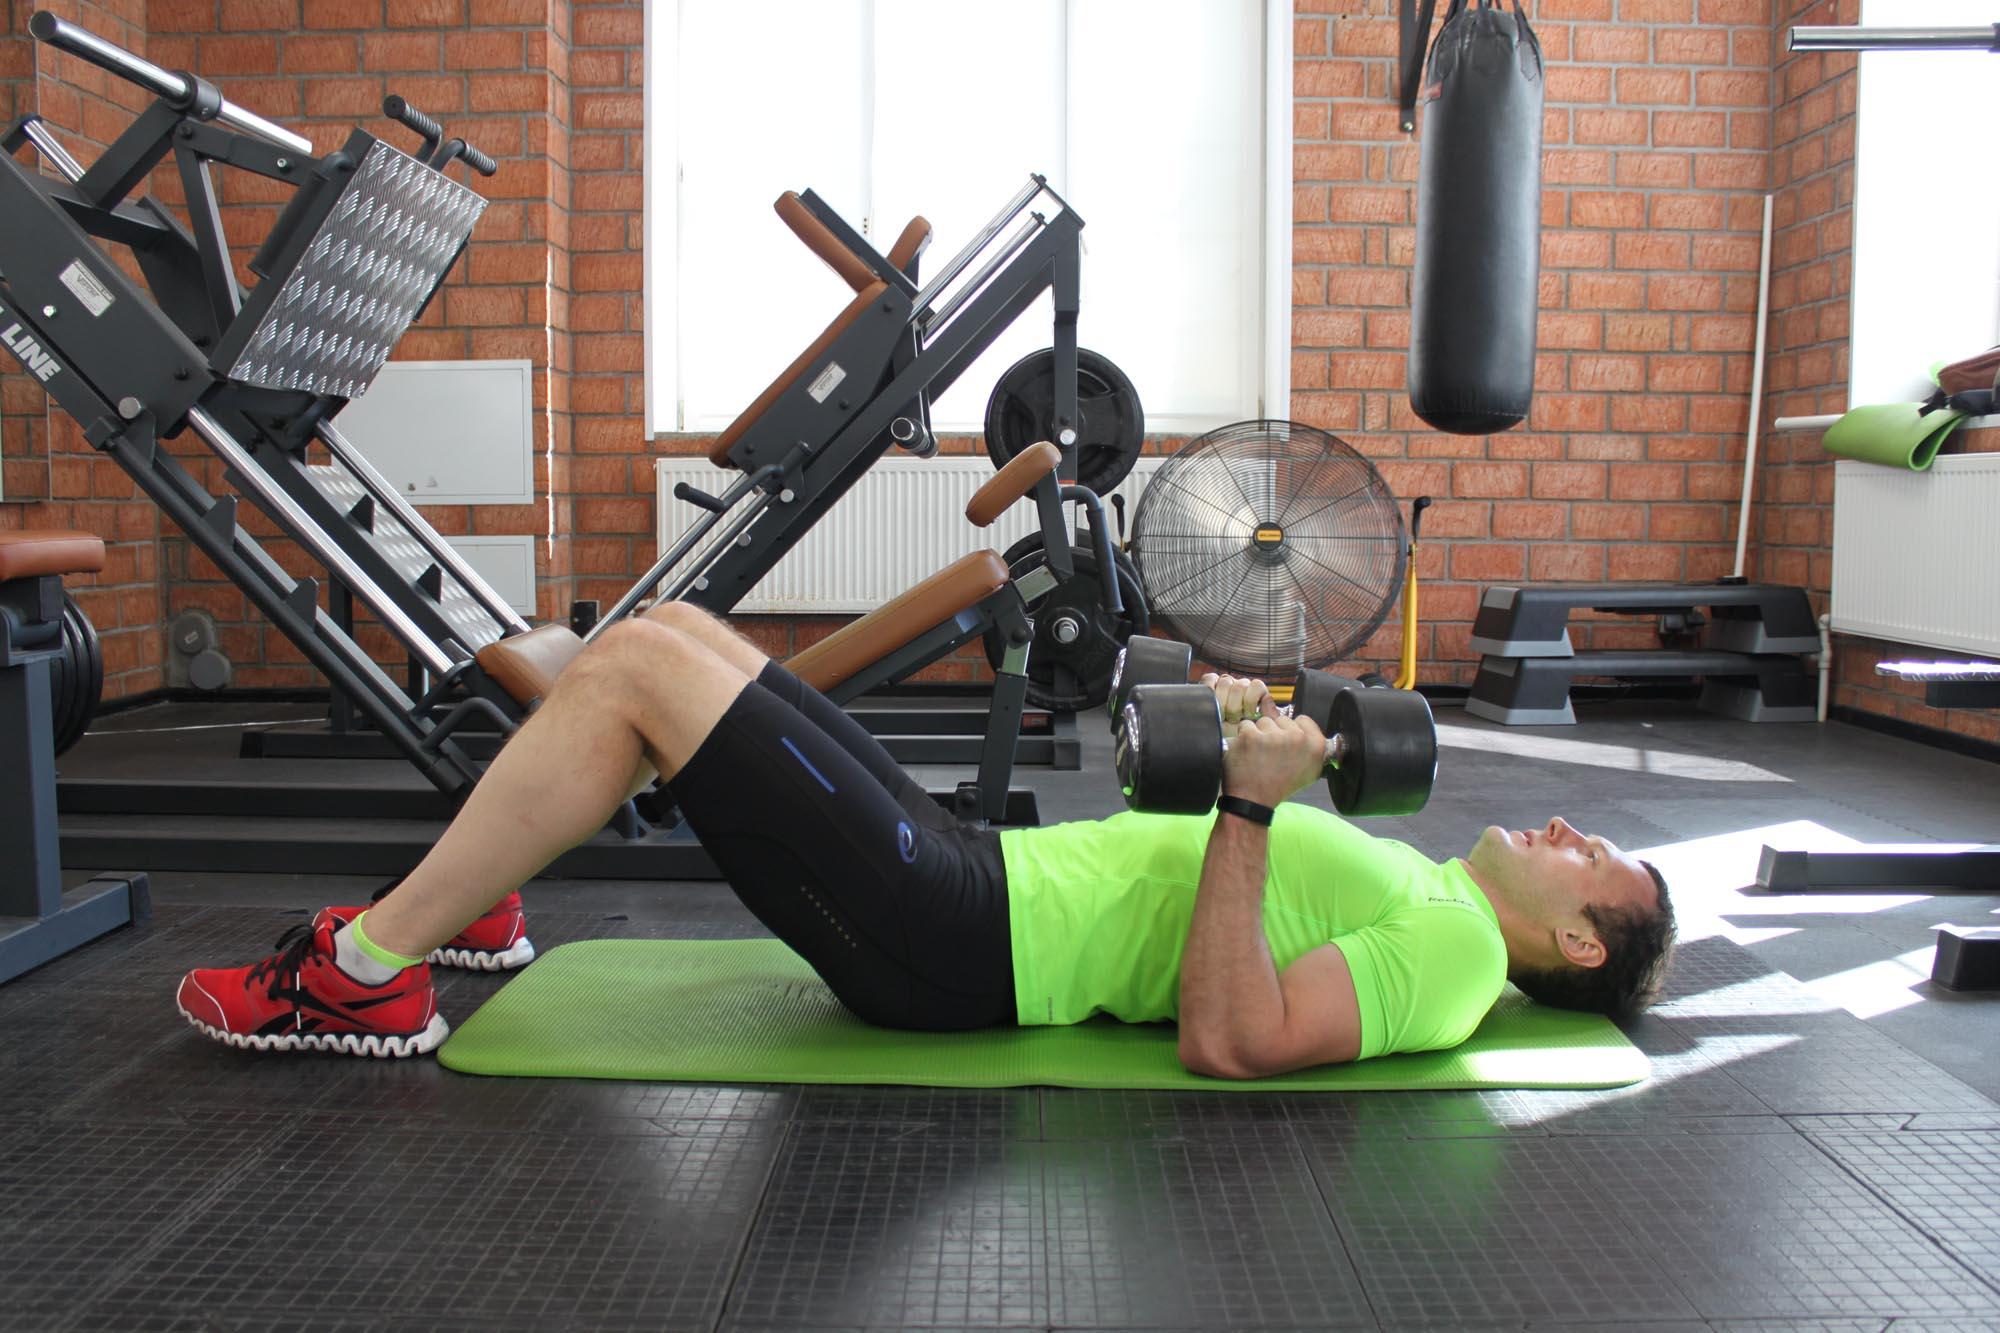 Упражнение Жим гантелей лежа на полу